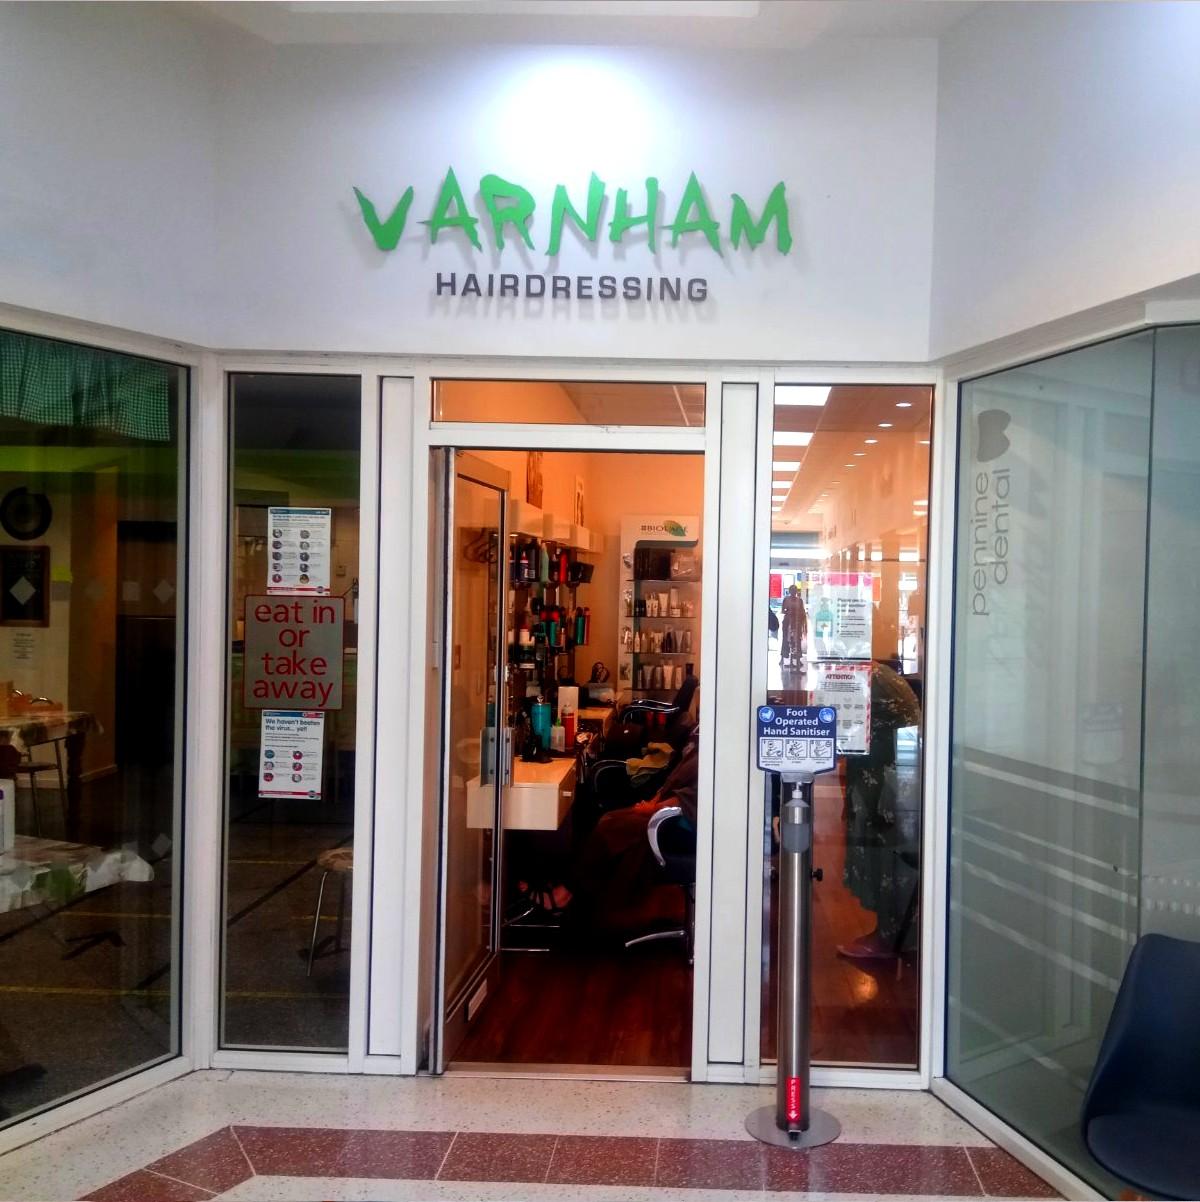 Varnham Hairdressing